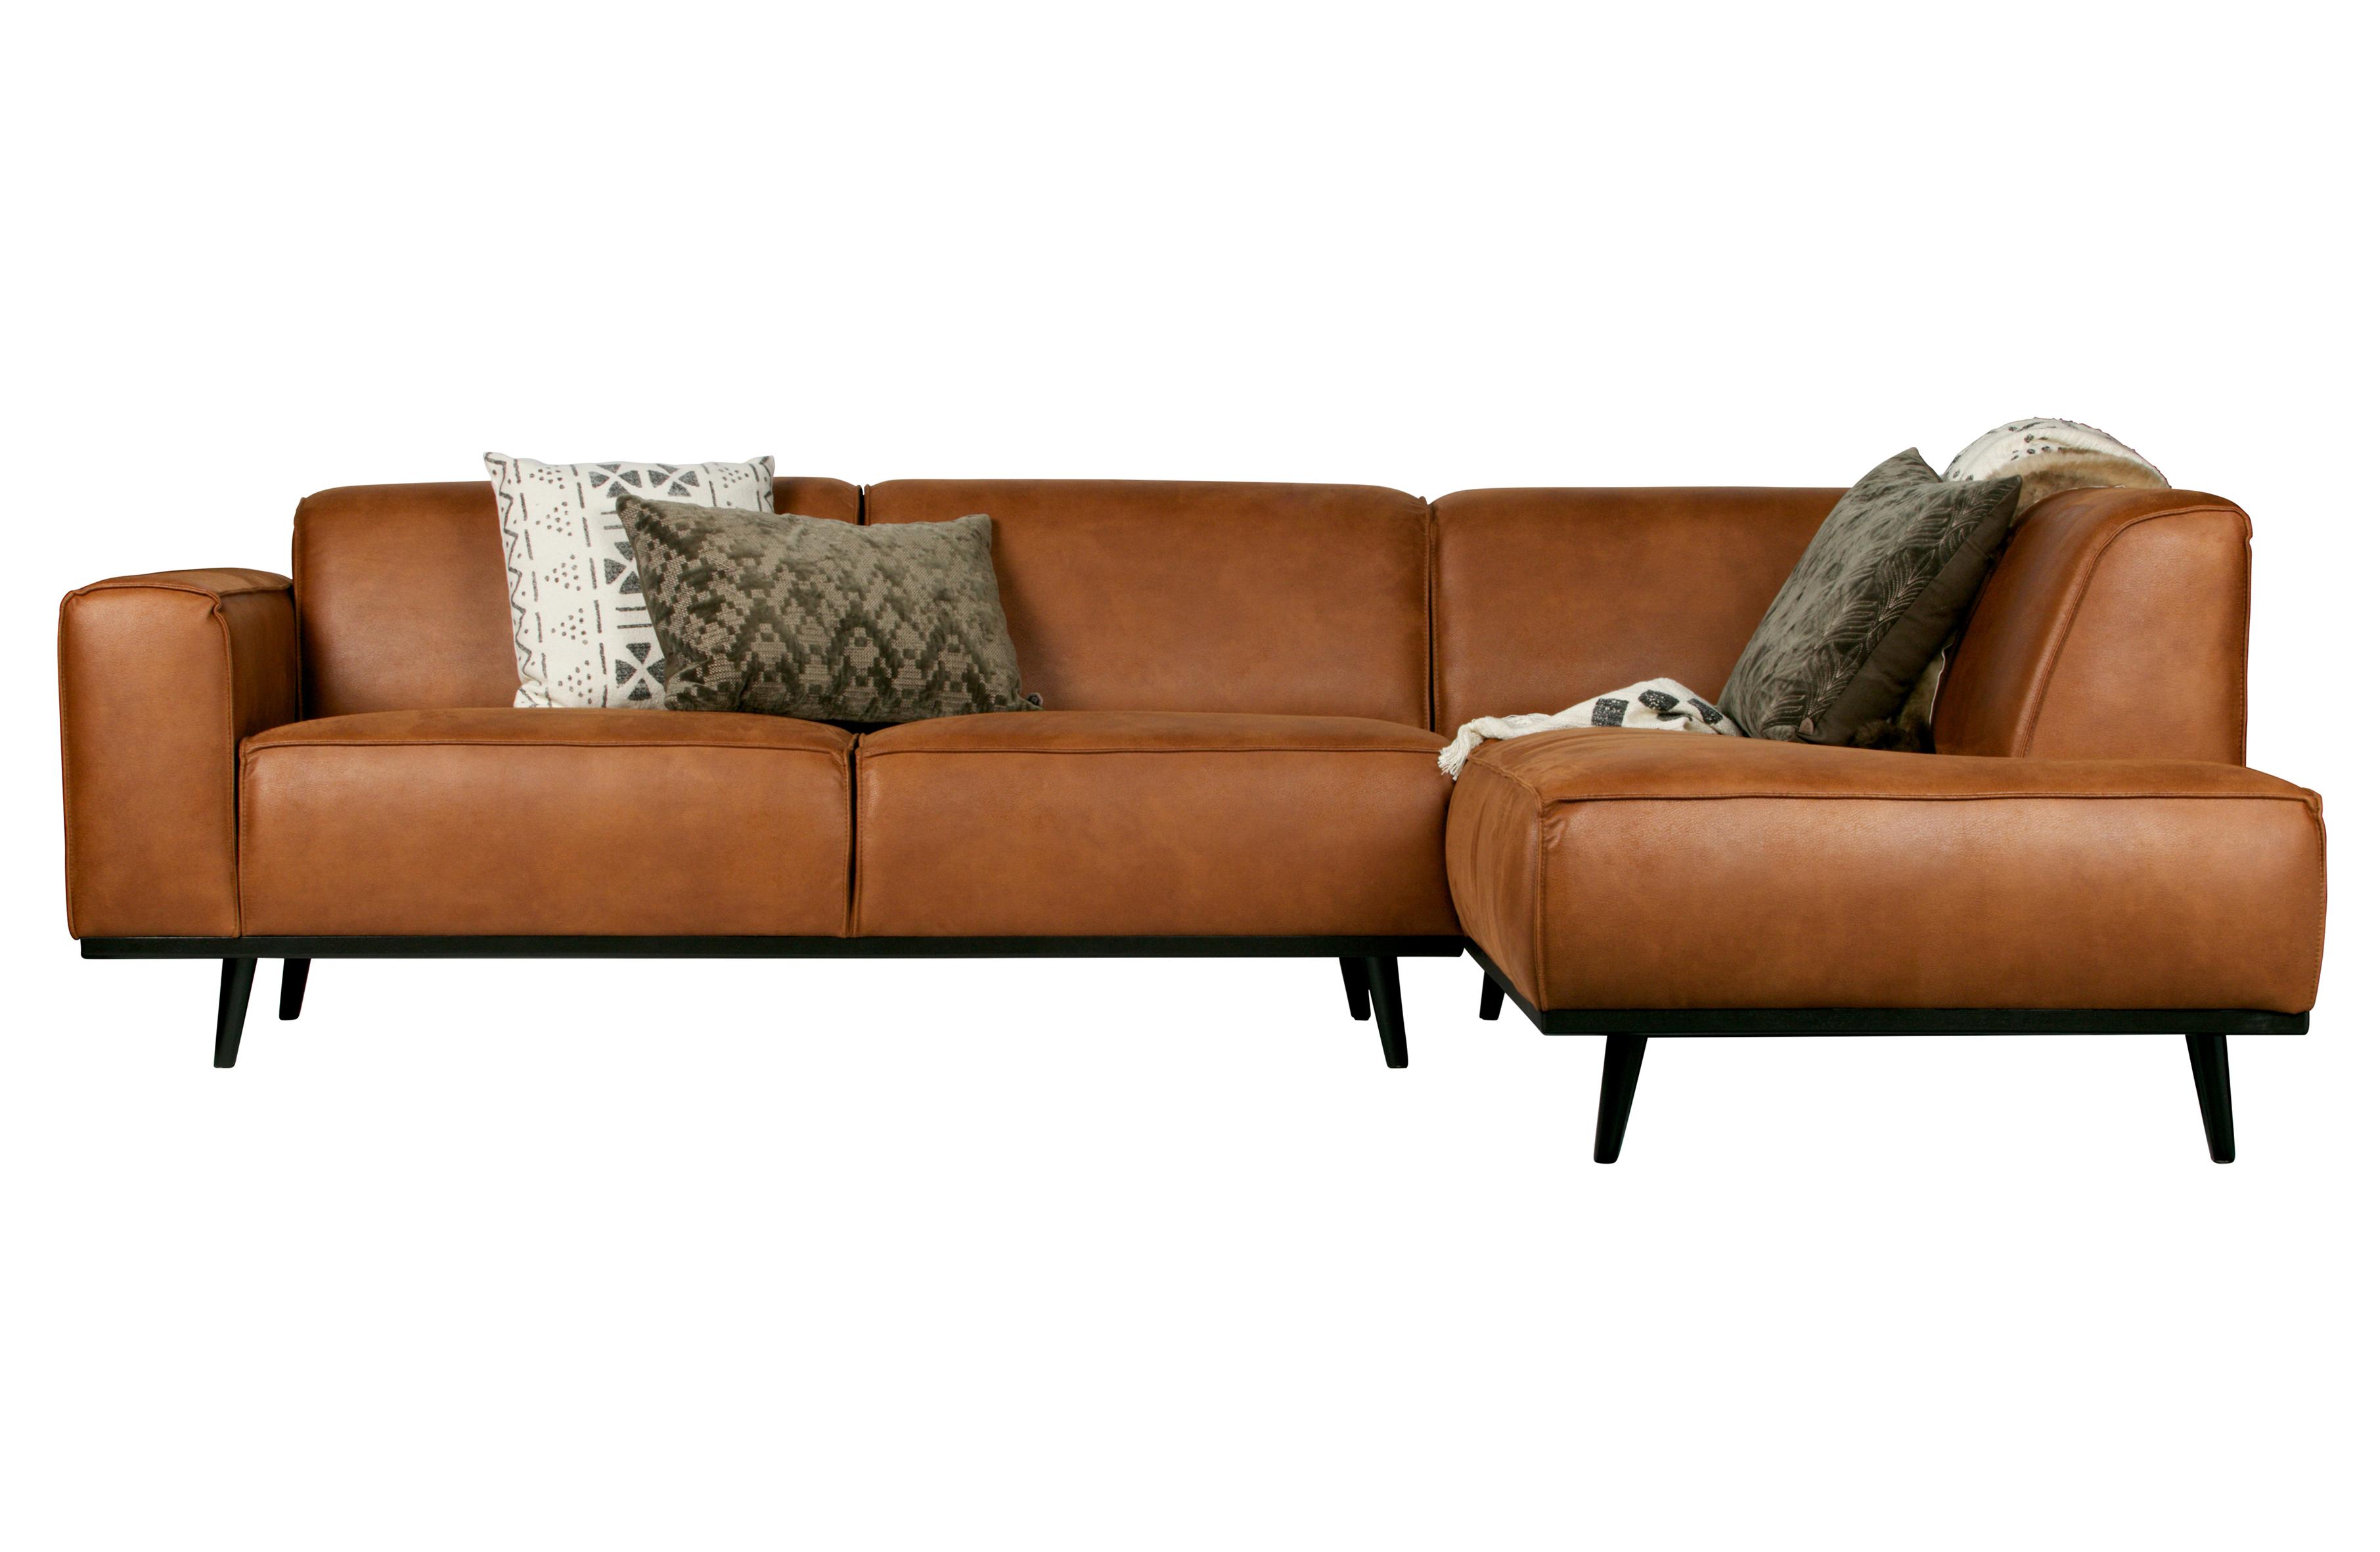 Sessel Sofas Im Vintagehaus Online Shop Kaufen